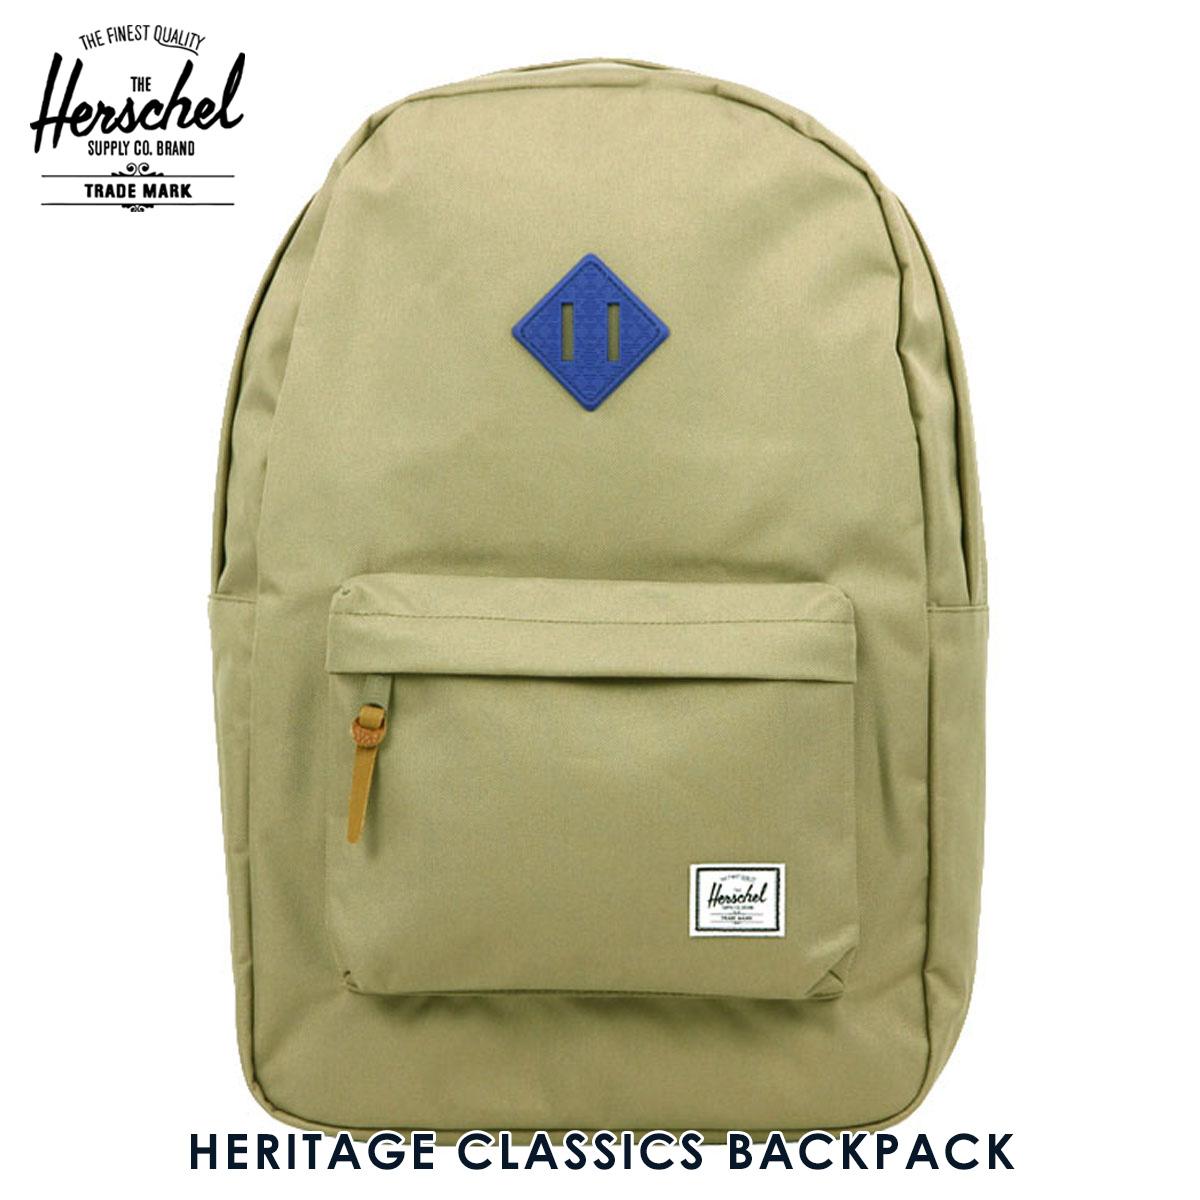 ハーシェル サプライ Herschel Supply 正規販売店 バッグ リュックサック HERITAGE CLASSICS BACKPACK 10007-01257-OS BRINDLE/COBALT NATIVE RUBBR